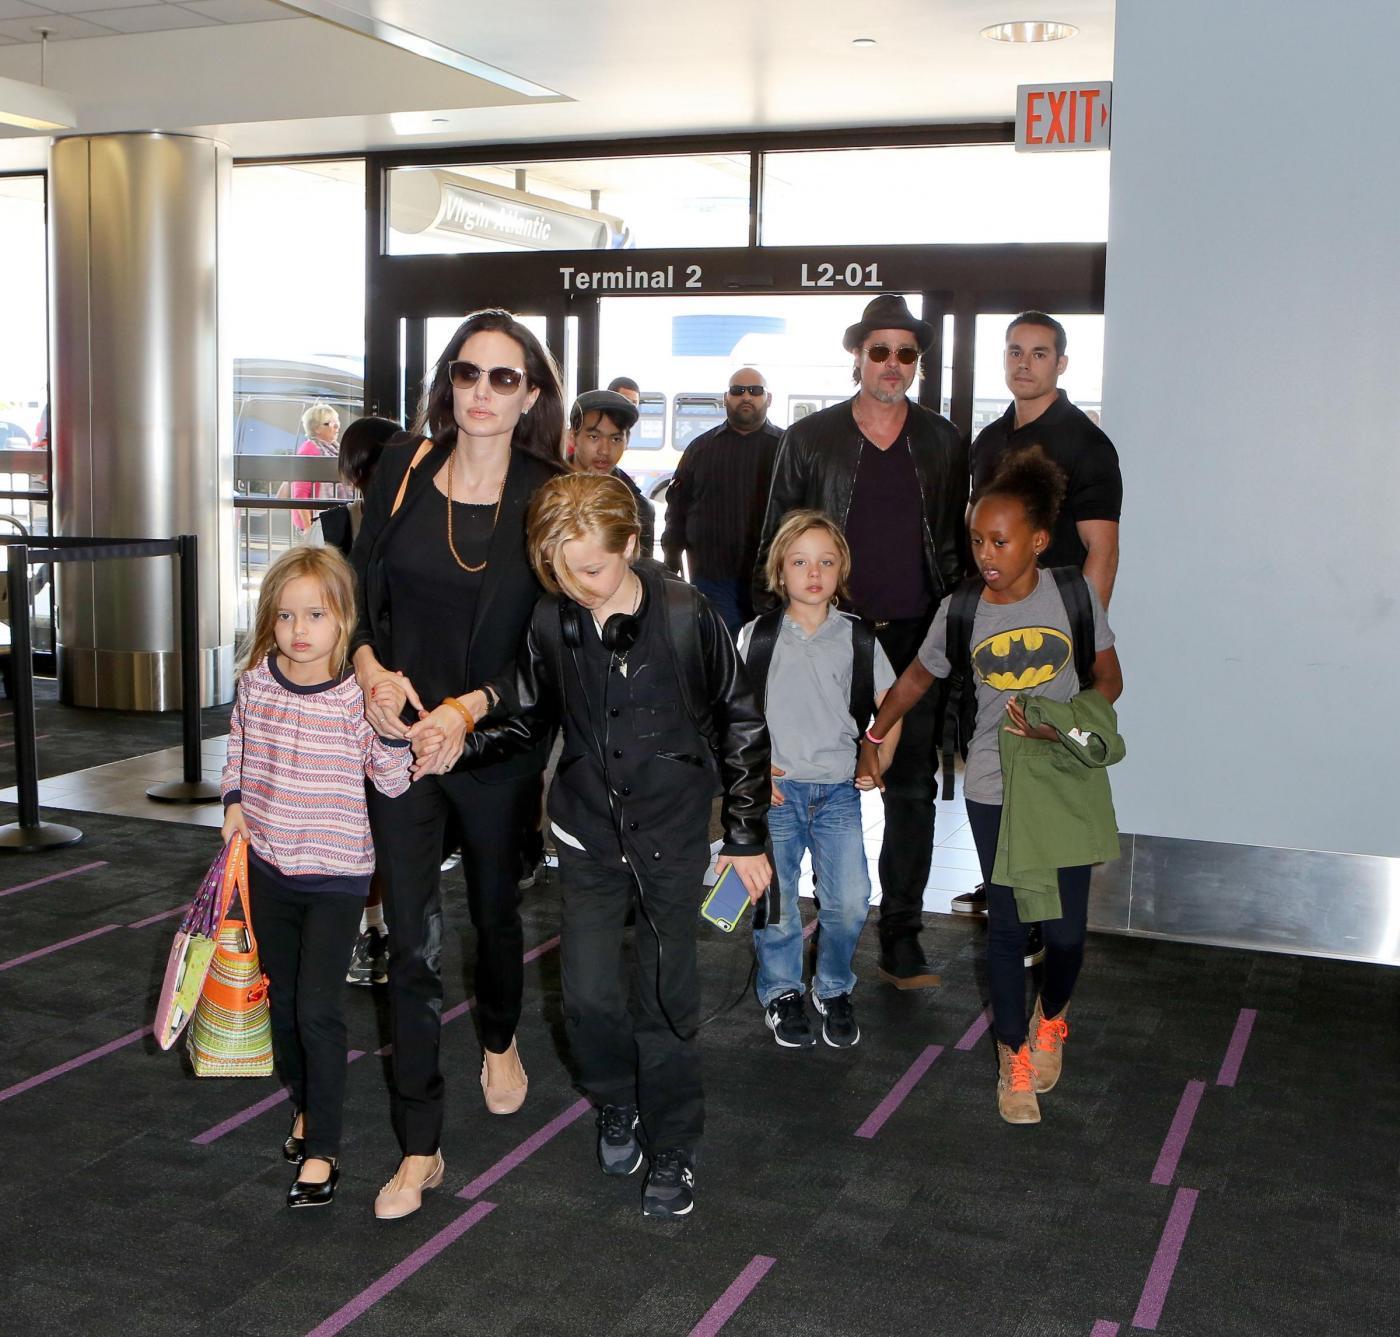 Angelina Jolie e Brad Pitt all'aeroporto con i figli FOTO 6